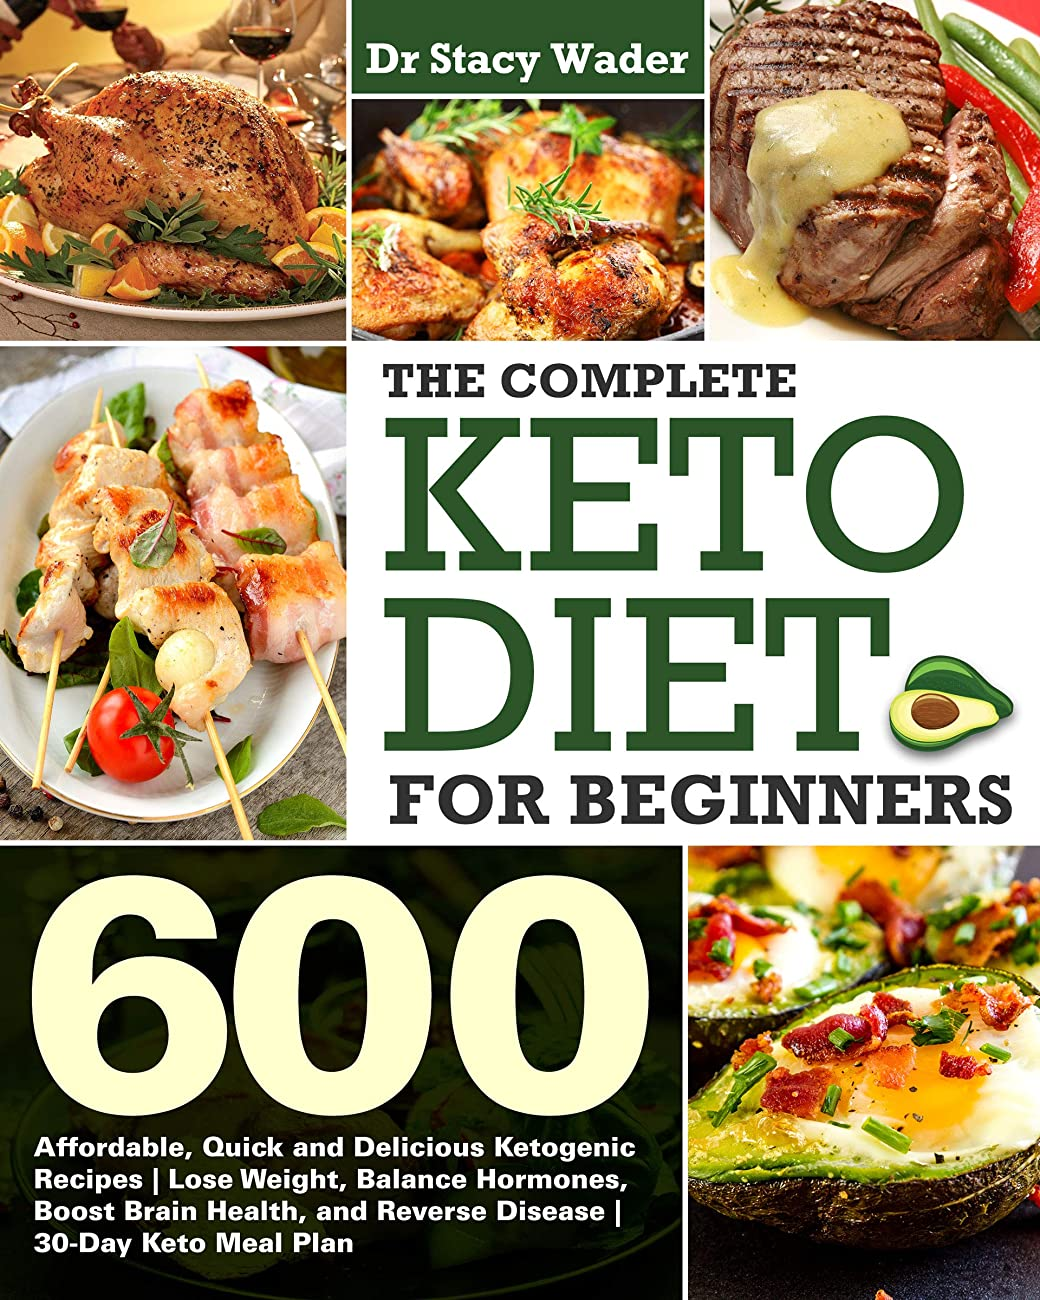 器官拡張セージThe Complete Keto Diet for Beginners : 600 Affordable, Quick and Delicious Ketogenic Recipes | Lose Weight, Balance Hormones, Boost Brain Health, and Reverse ... | 30-Day Keto Meal Plan (English Edition)